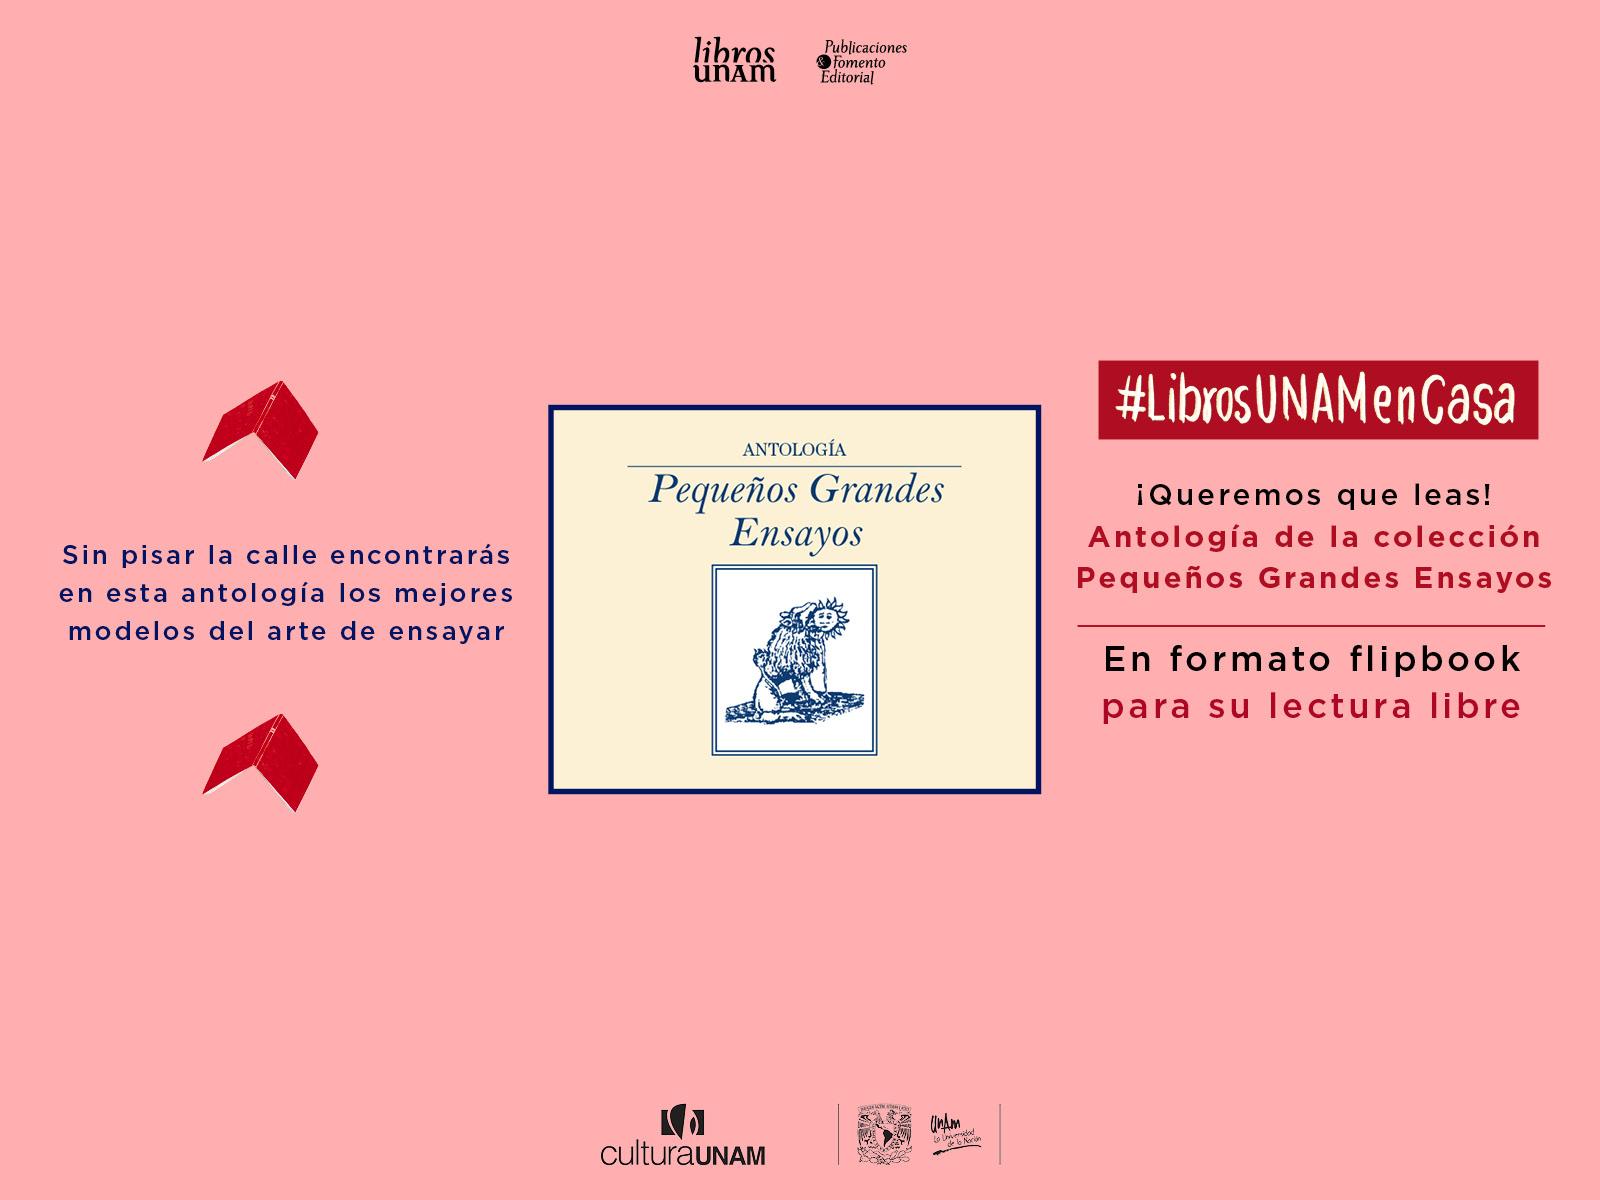 Libros UNAM en casa Pequeños Grandes Ensayos